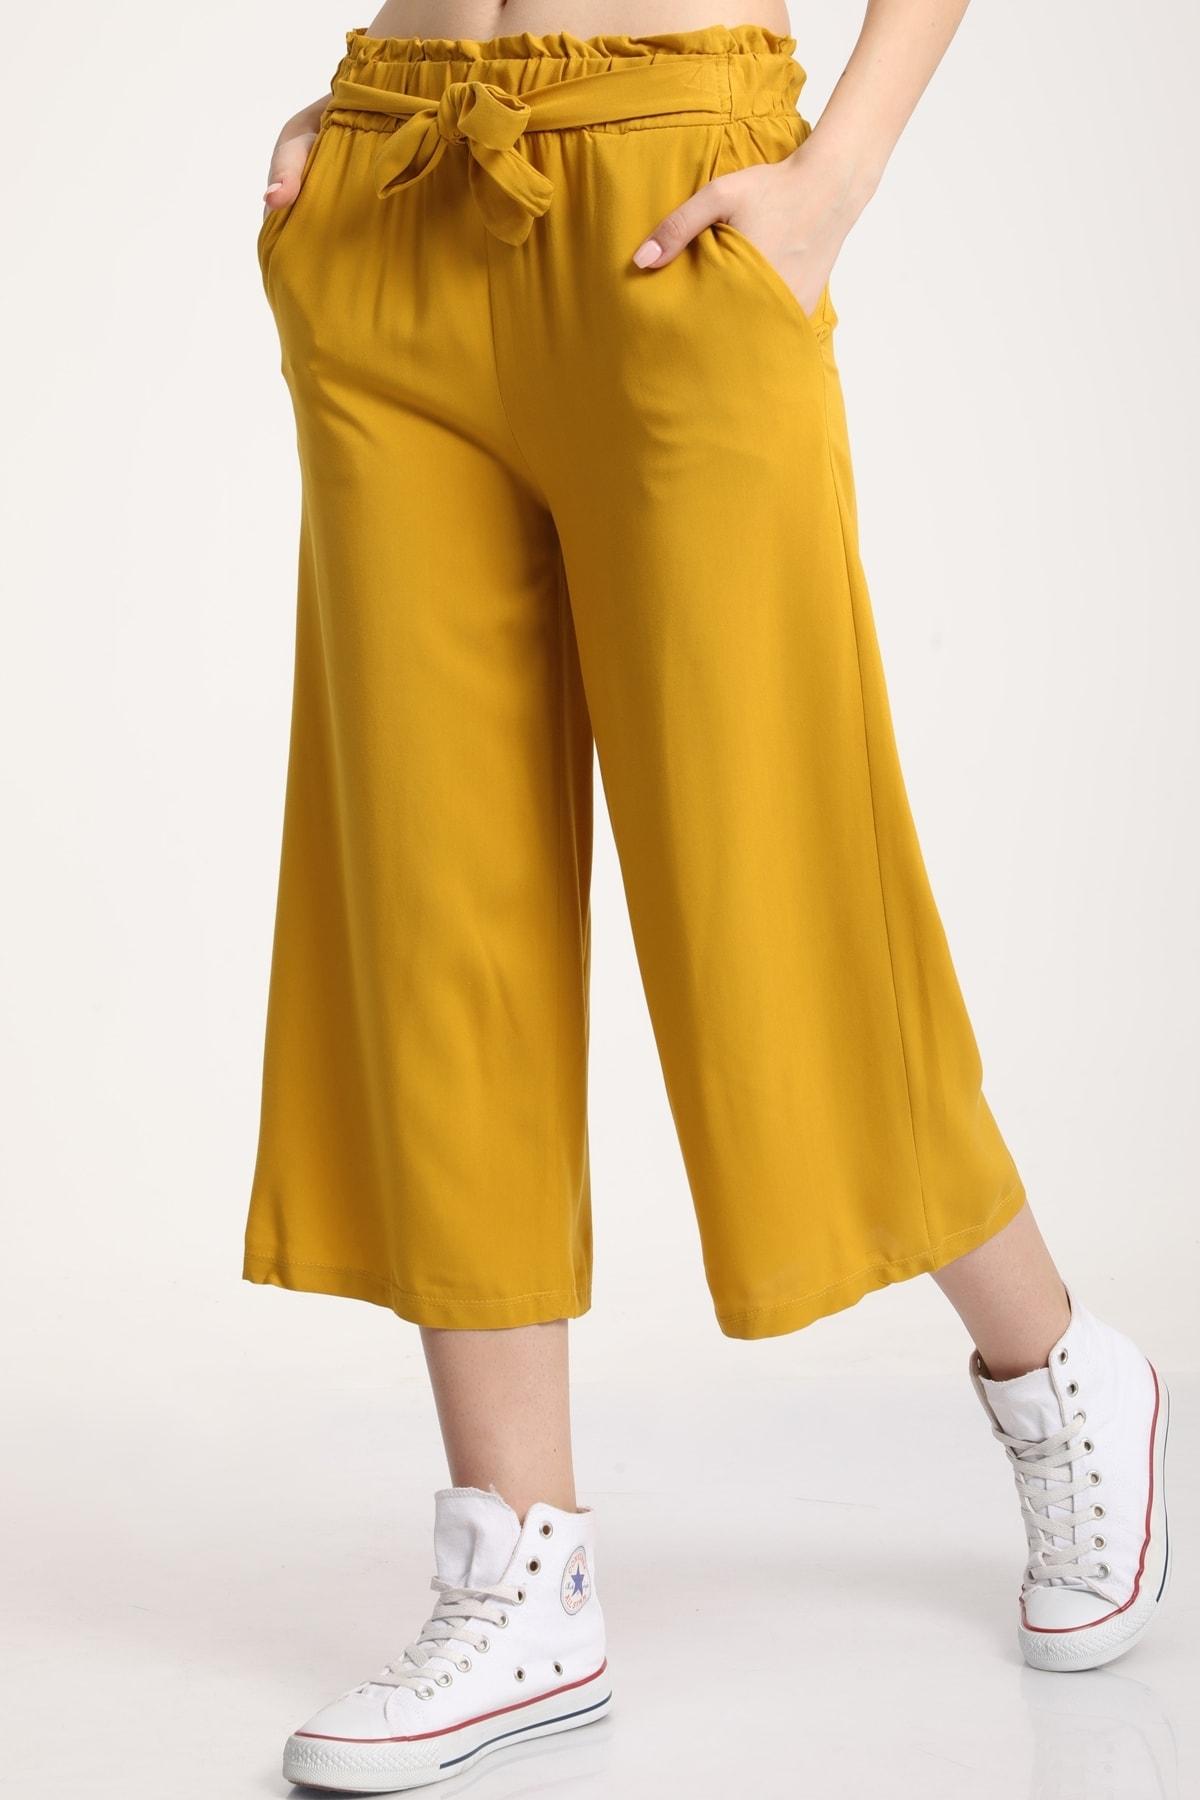 MD trend Kadın Hardal Bel Lastikli Bağlamalı Kısa Pantolon Mdt5979 2